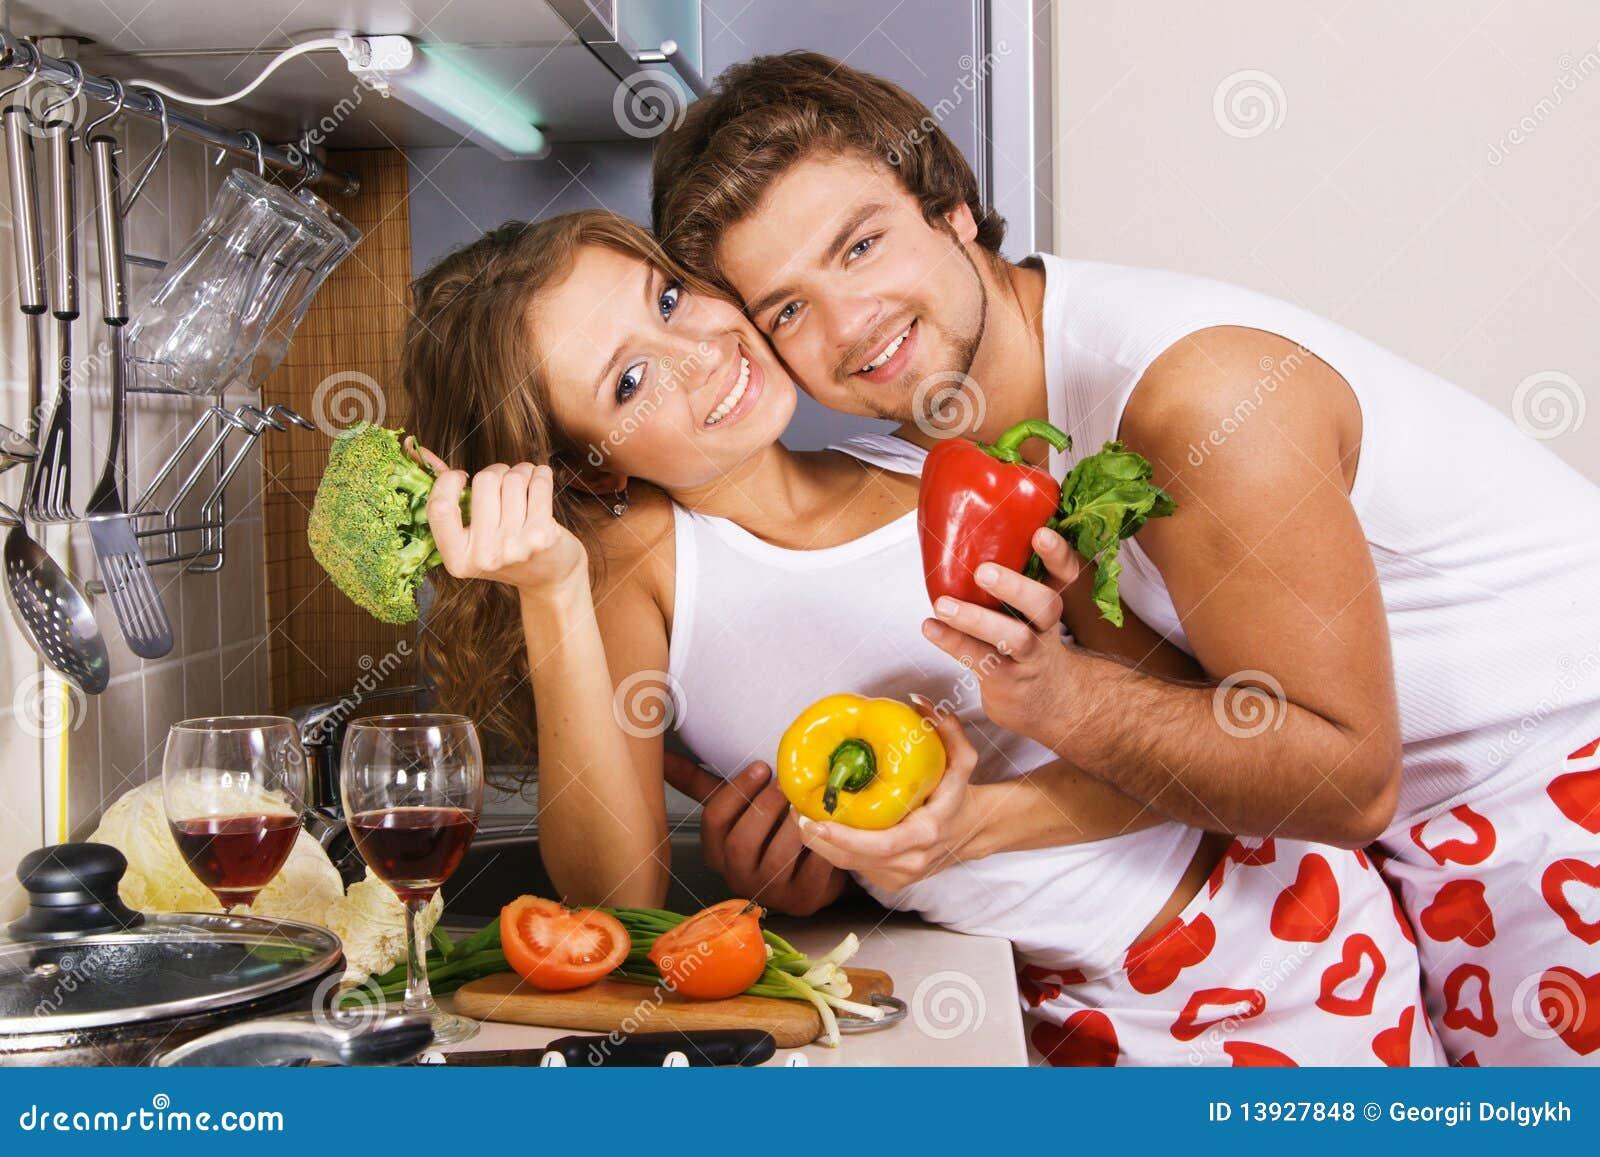 Jeunes couples romantiques dans la cuisine photo stock image du soir e chaud 13927848 - Couple faisant l amour dans la cuisine ...